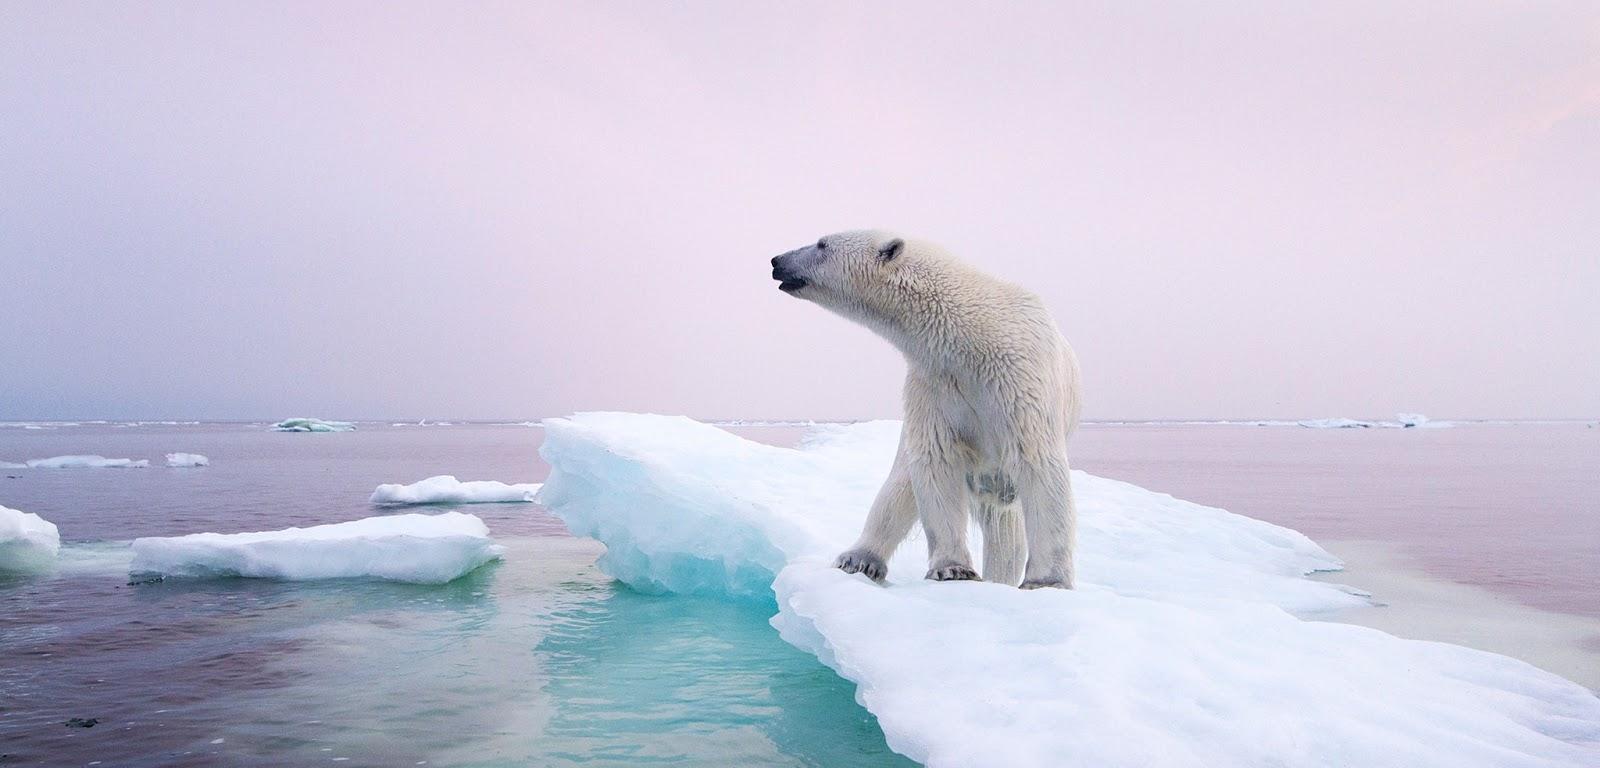 Emergenze ambientali: Clima, avanti con Parigi!